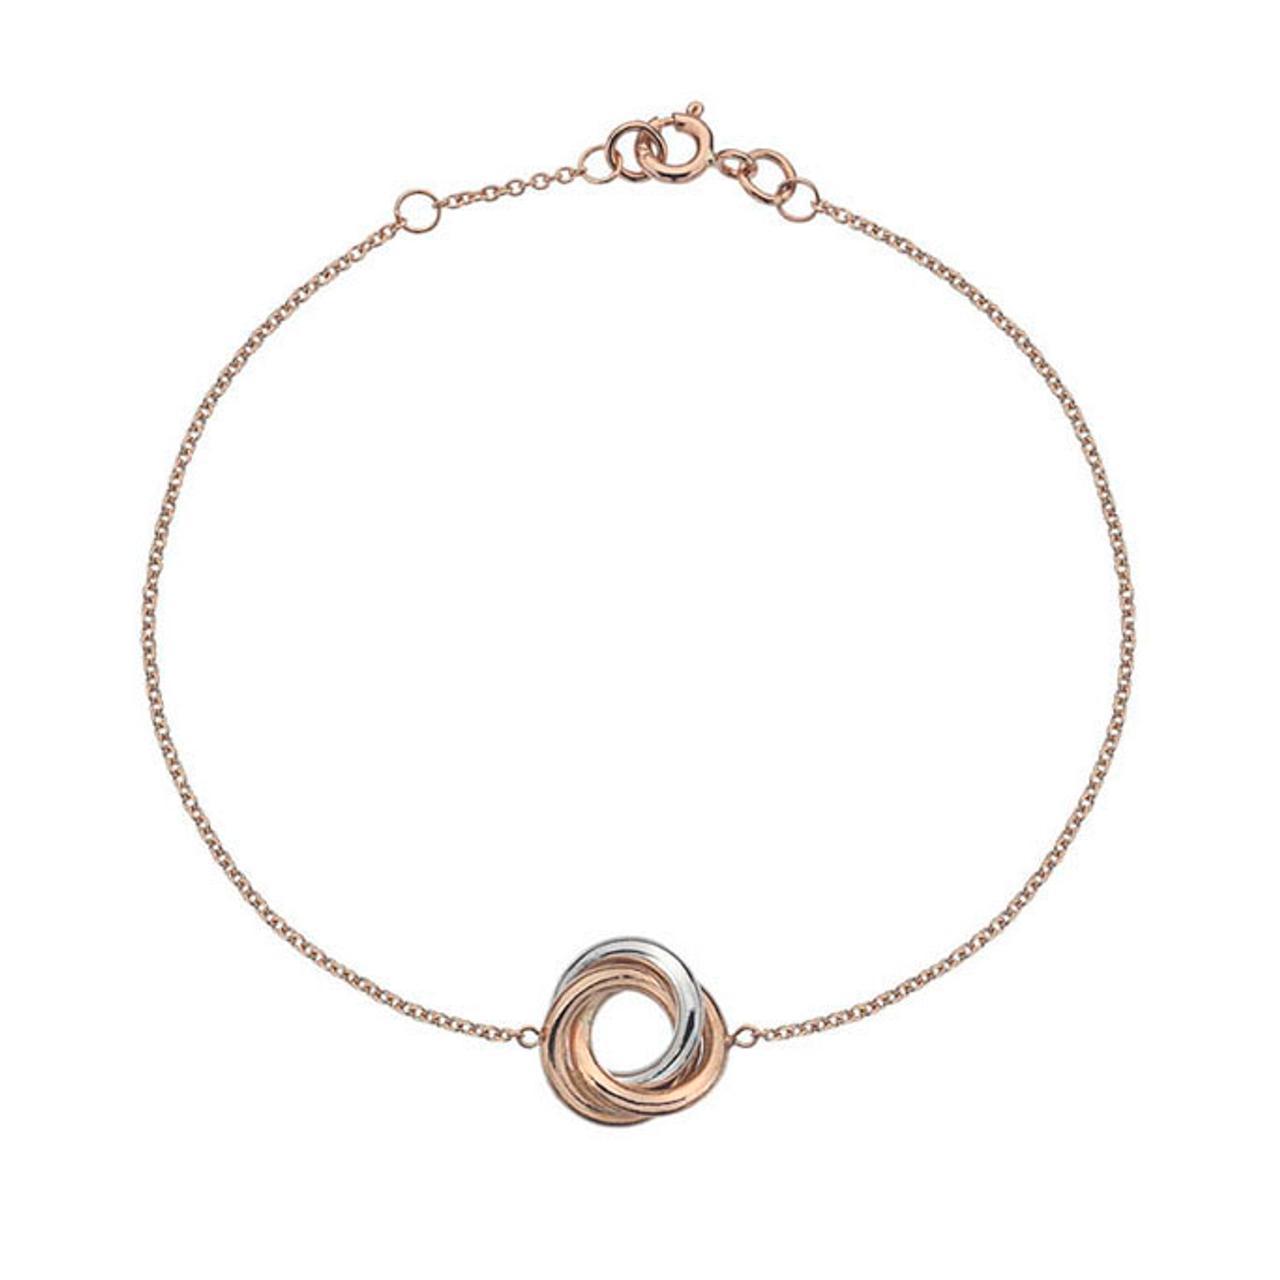 9ct Rose & White Gold Love Knot Bracelet